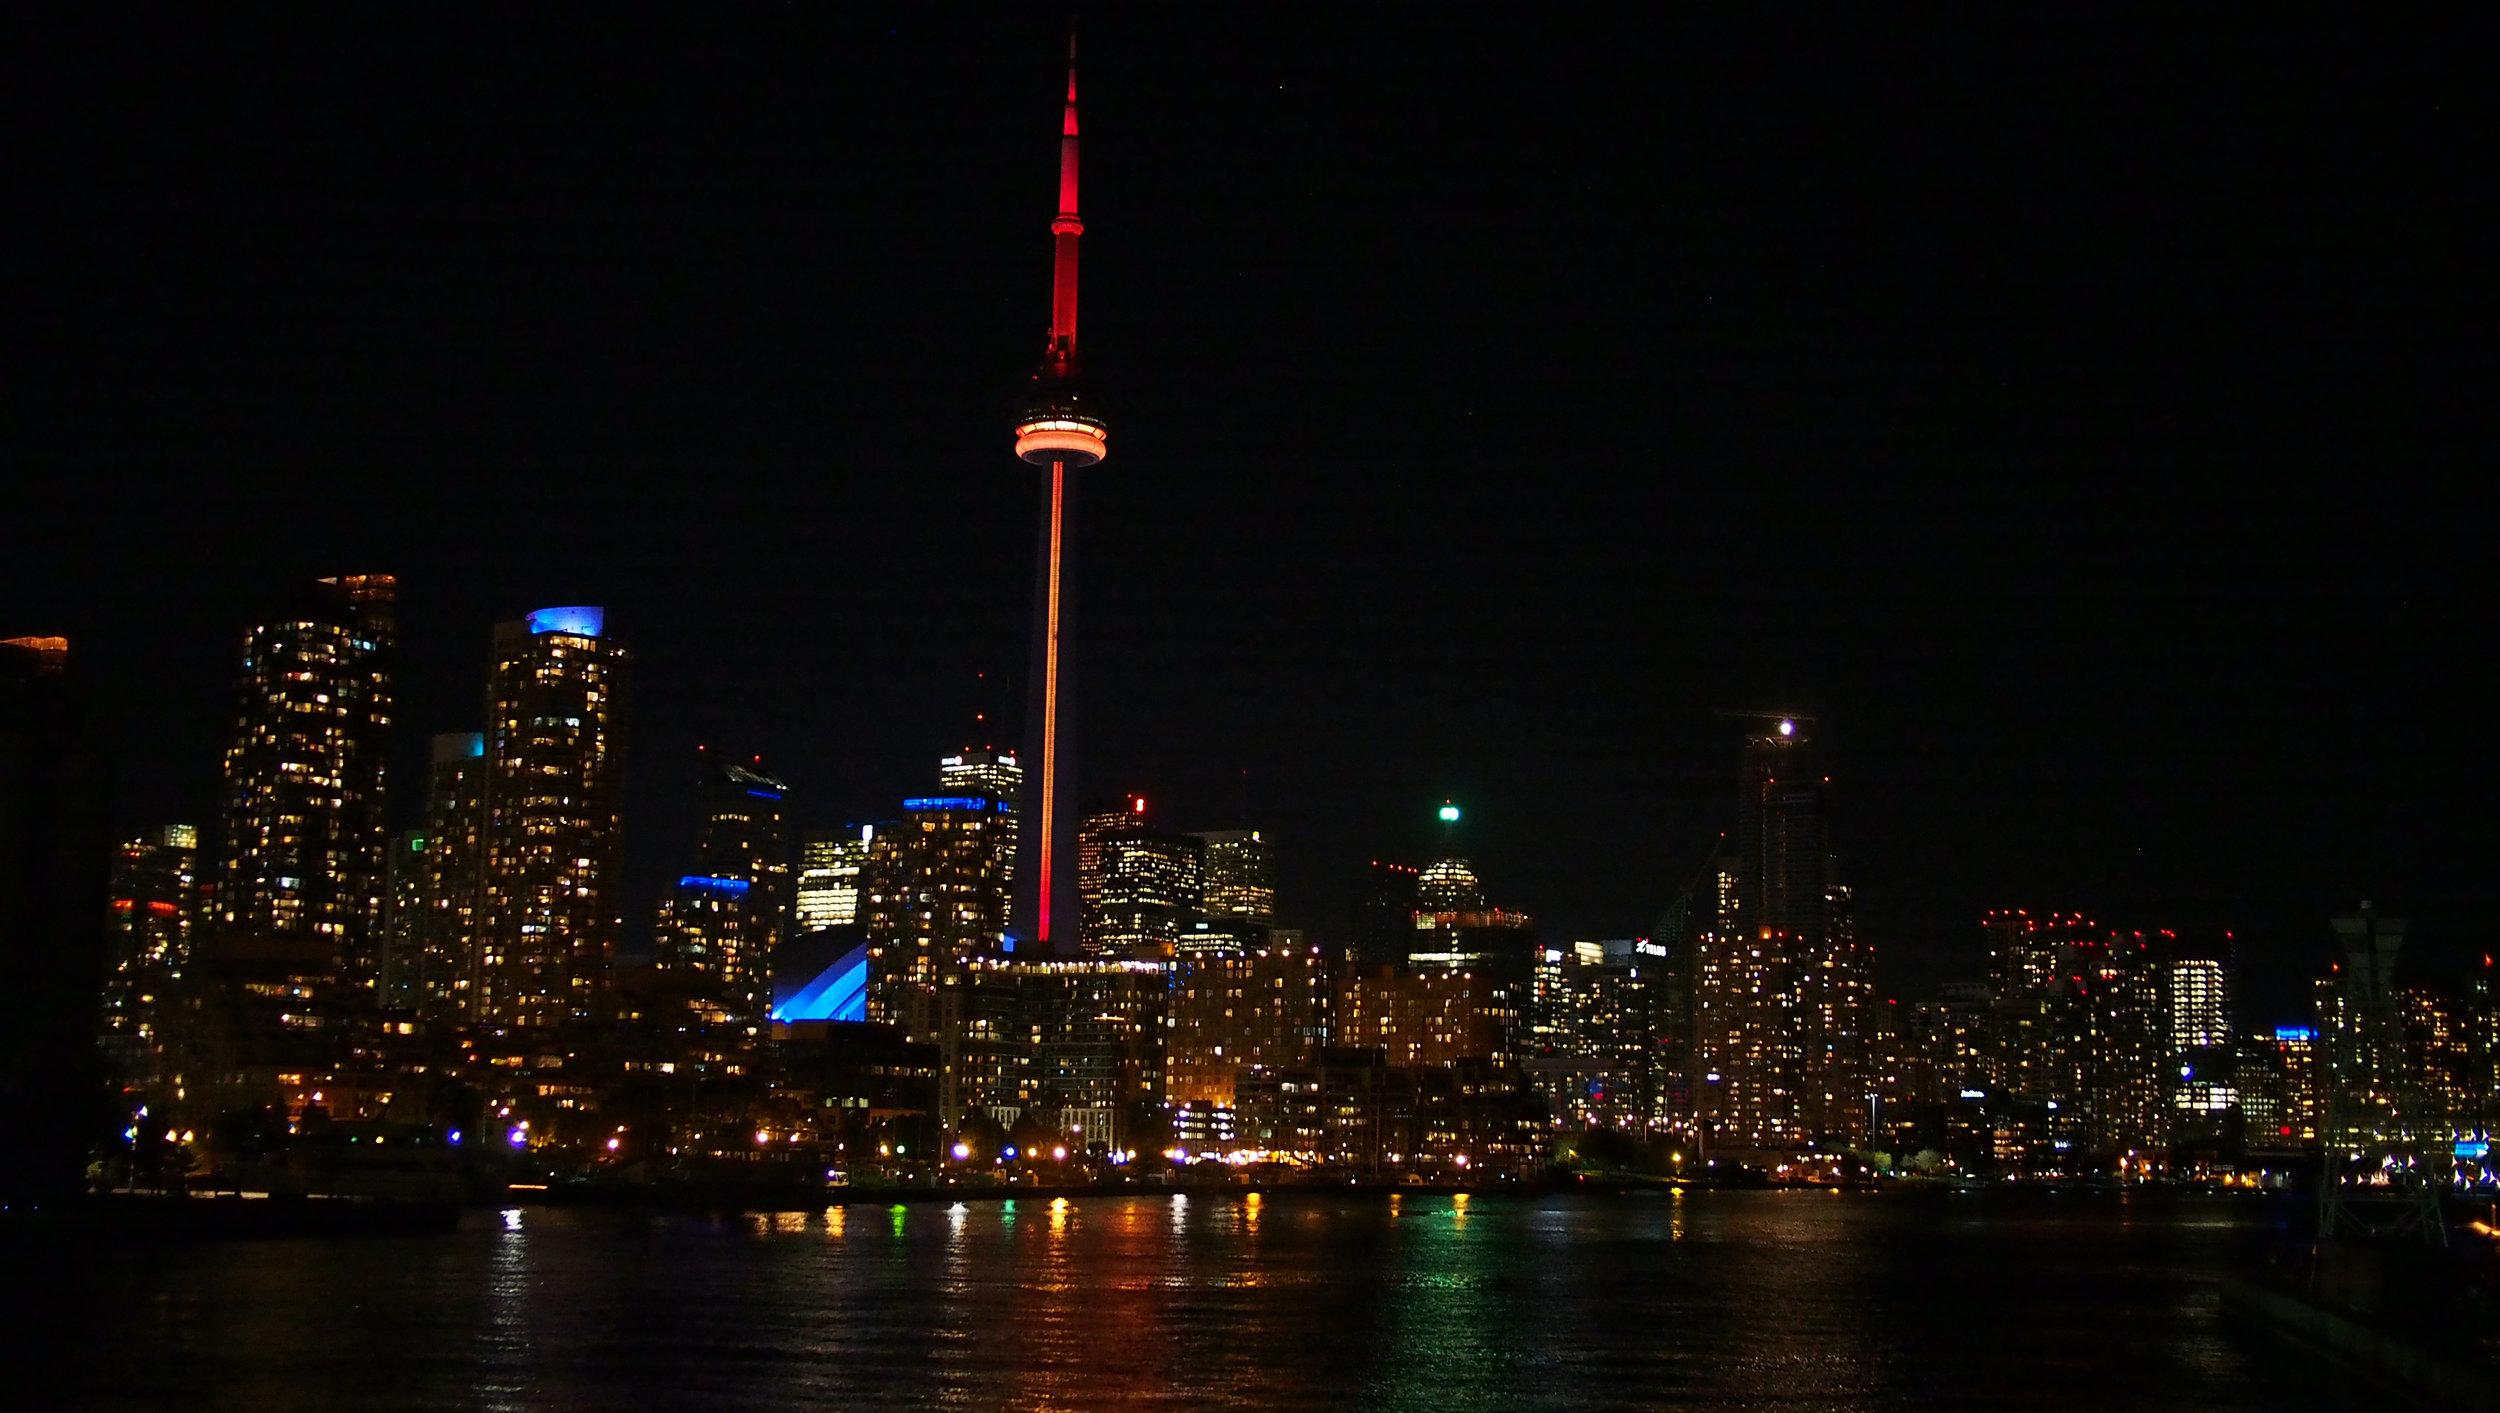 Laskeuduimme Toronton keskustan kentälle, joka on saaressa. Kaupunki iltavalaistuksessa oli hieno näky lauttamatkalla.